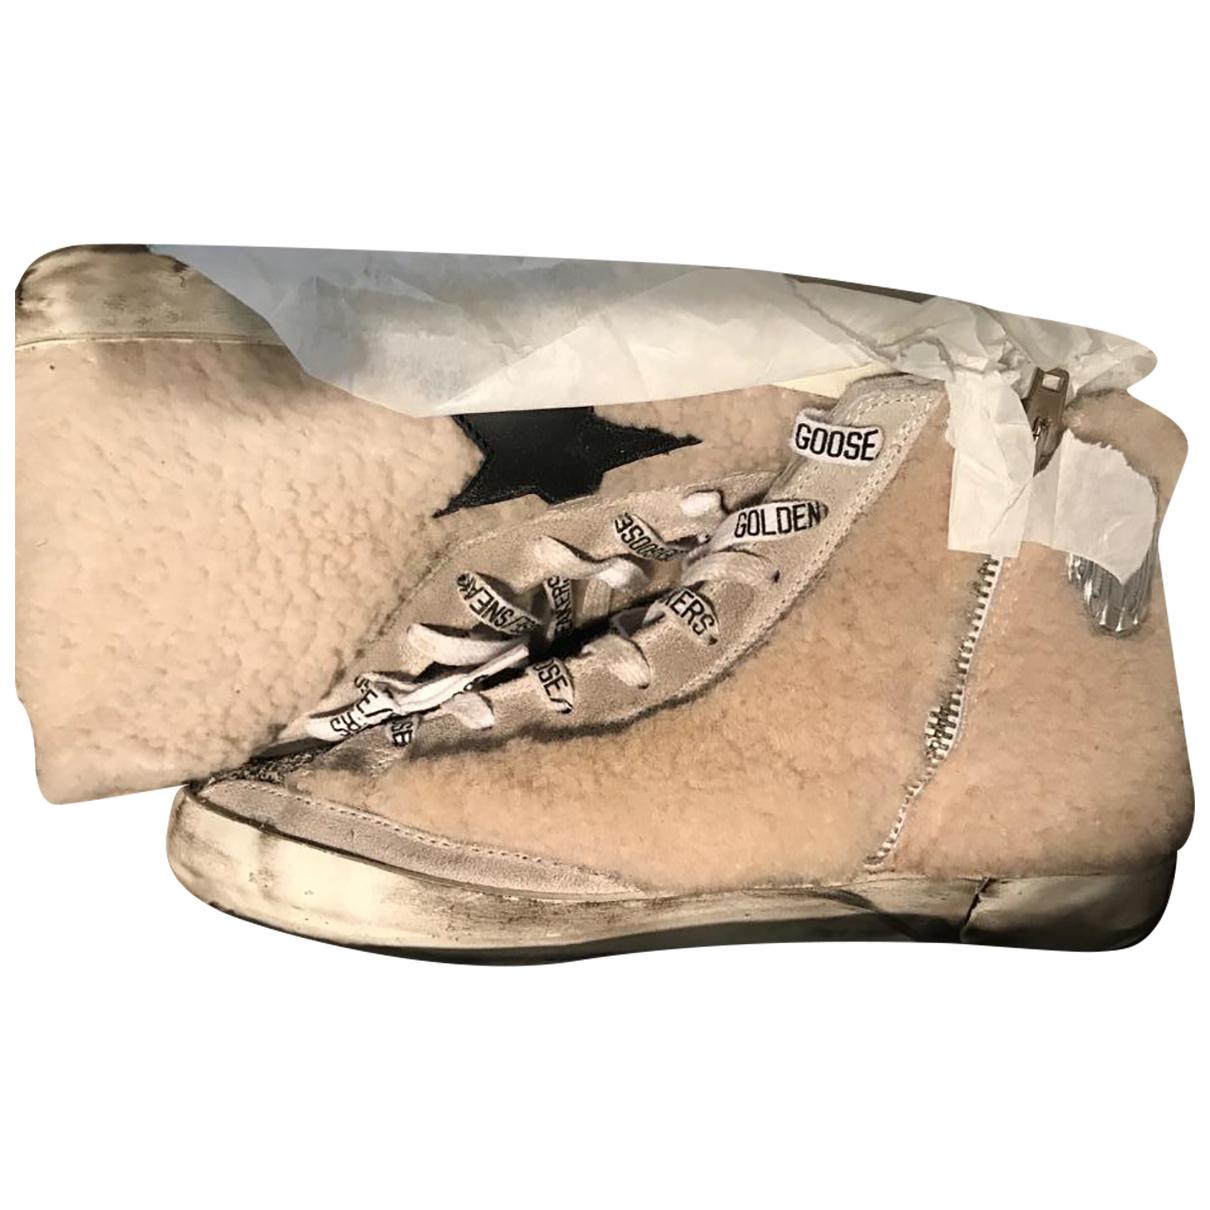 Golden Goose - Baskets Francy pour femme en fourrure - beige